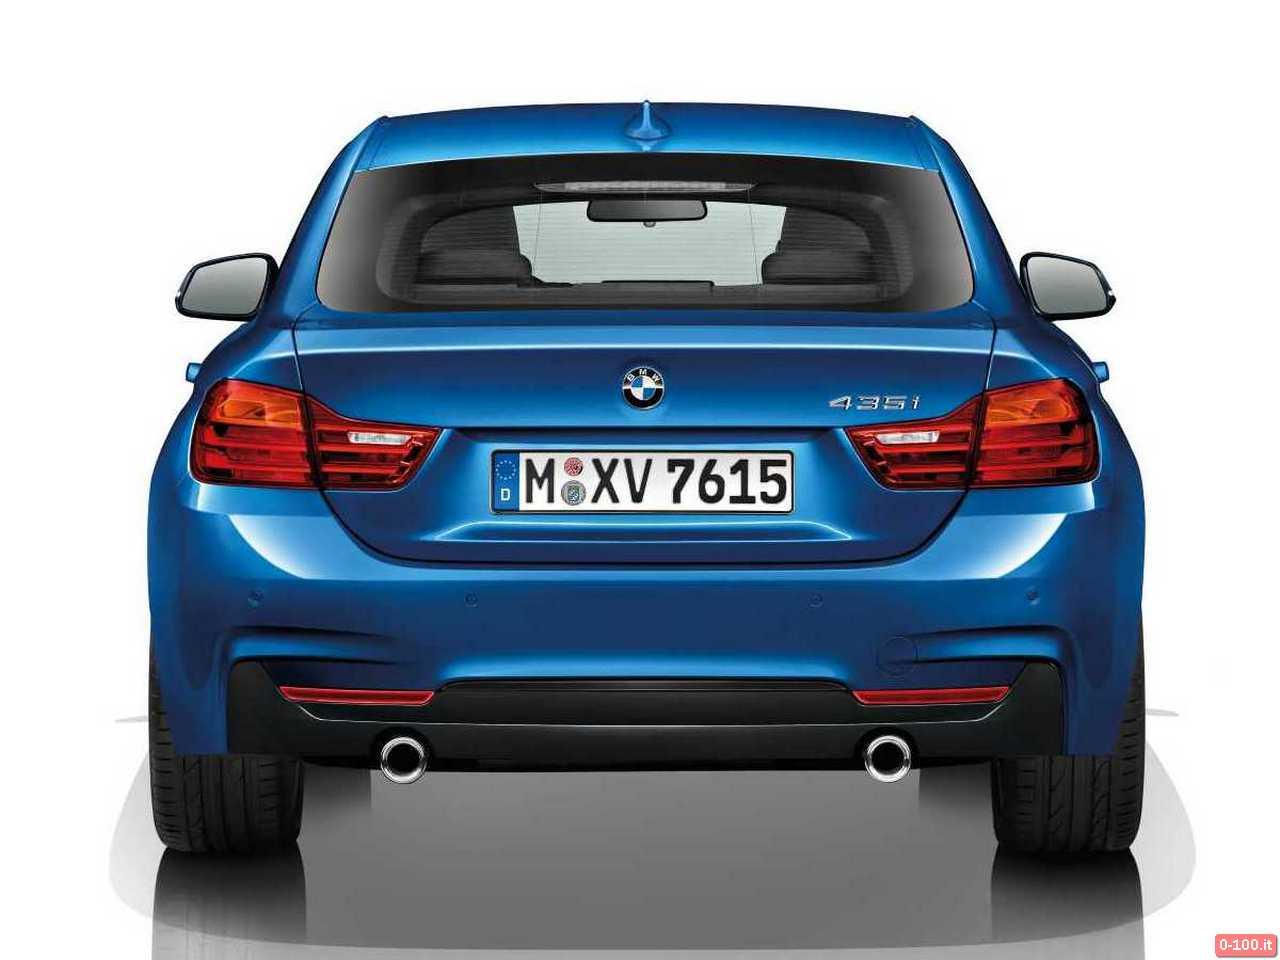 bmw-serie-4-gran-coupe-prezzo-price-ginevra-geneve-2014-0-100_106